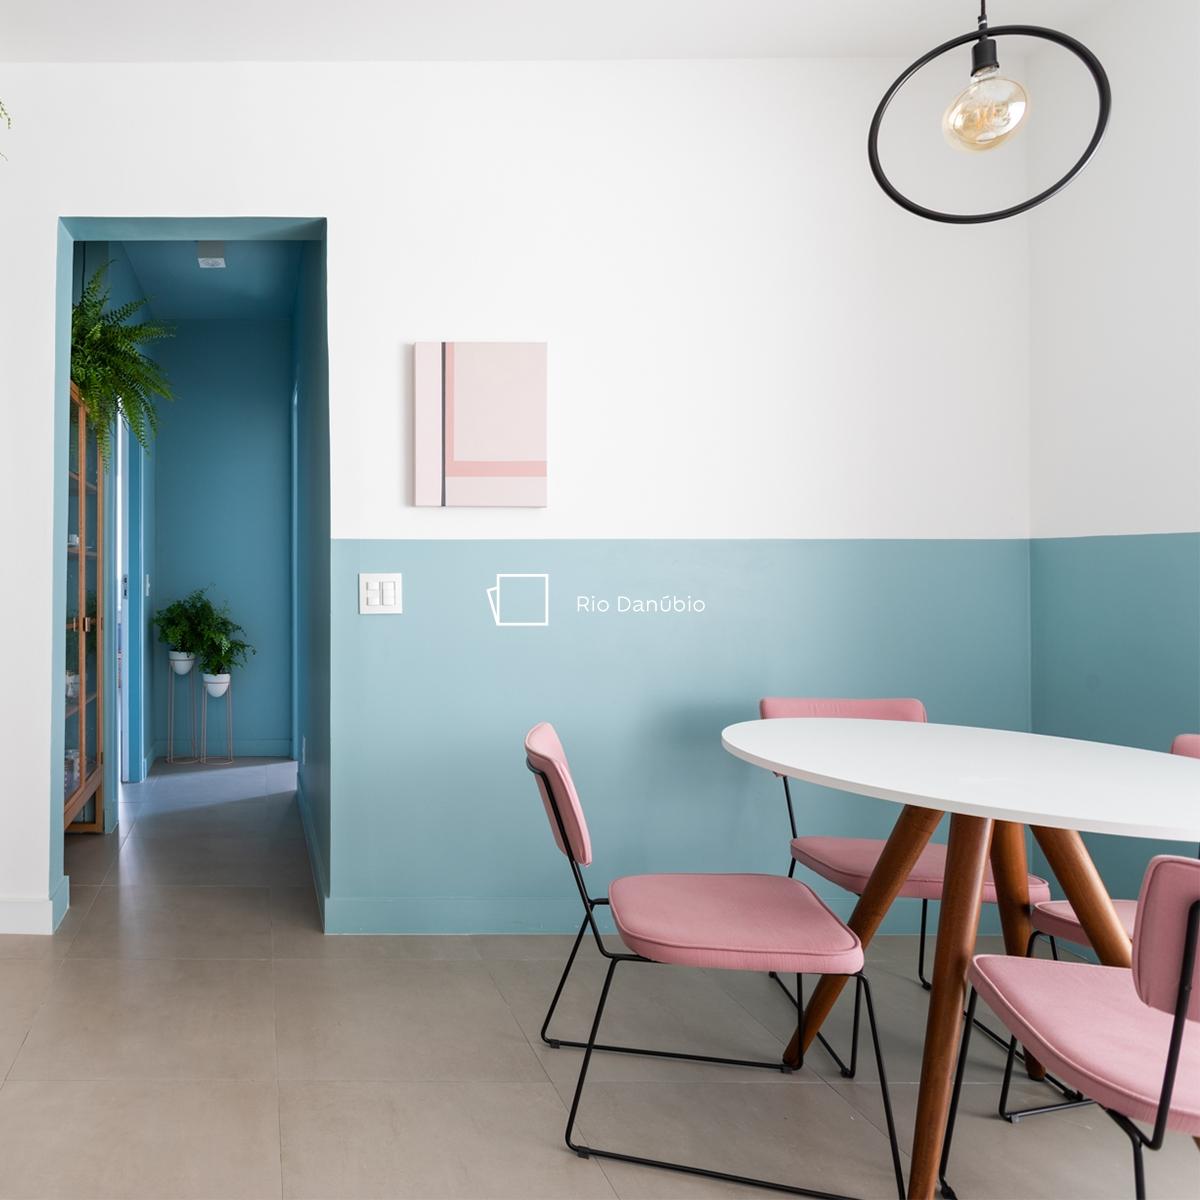 Foto de ambiente com uma porta aberta ao lado esquerdo, do lado direito a parede está pintada com a técnica meia-parede na cor branca na parte de cima e com a cor Rio Danúbio na parte de baixo, e o ícone de cor. Temos ainda ao lado direito uma mesa redonda branca e três cadeiras rosa.